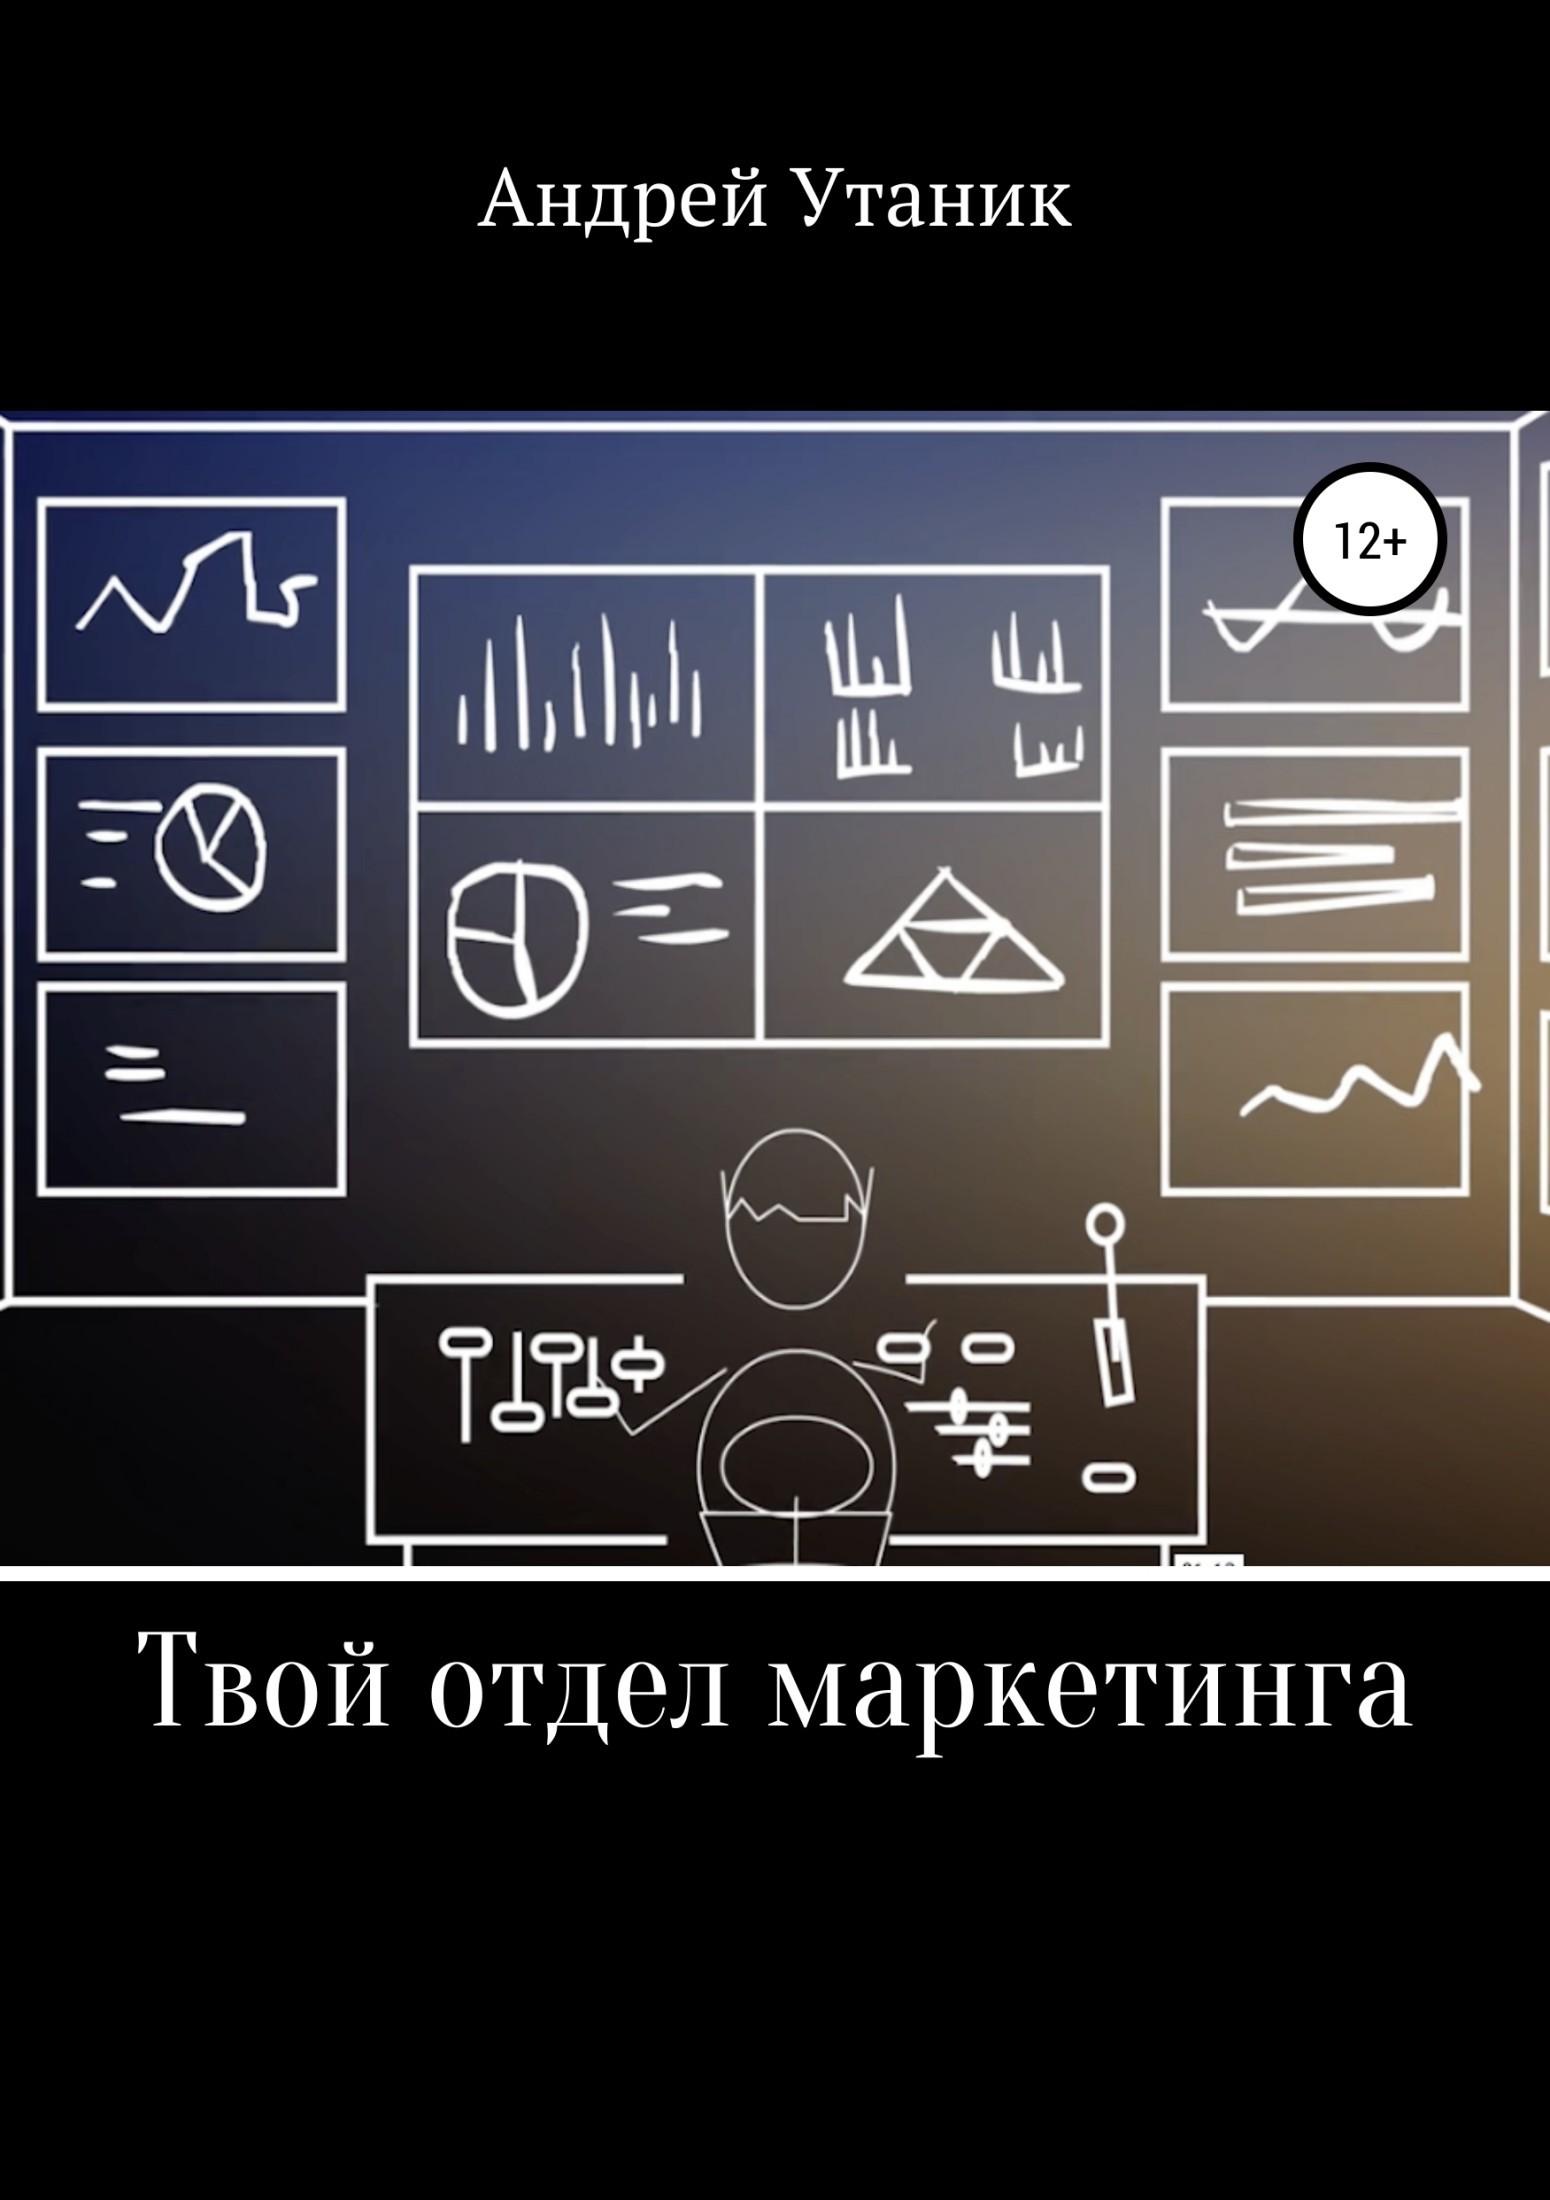 Обложка книги. Автор - Андрей Утаник